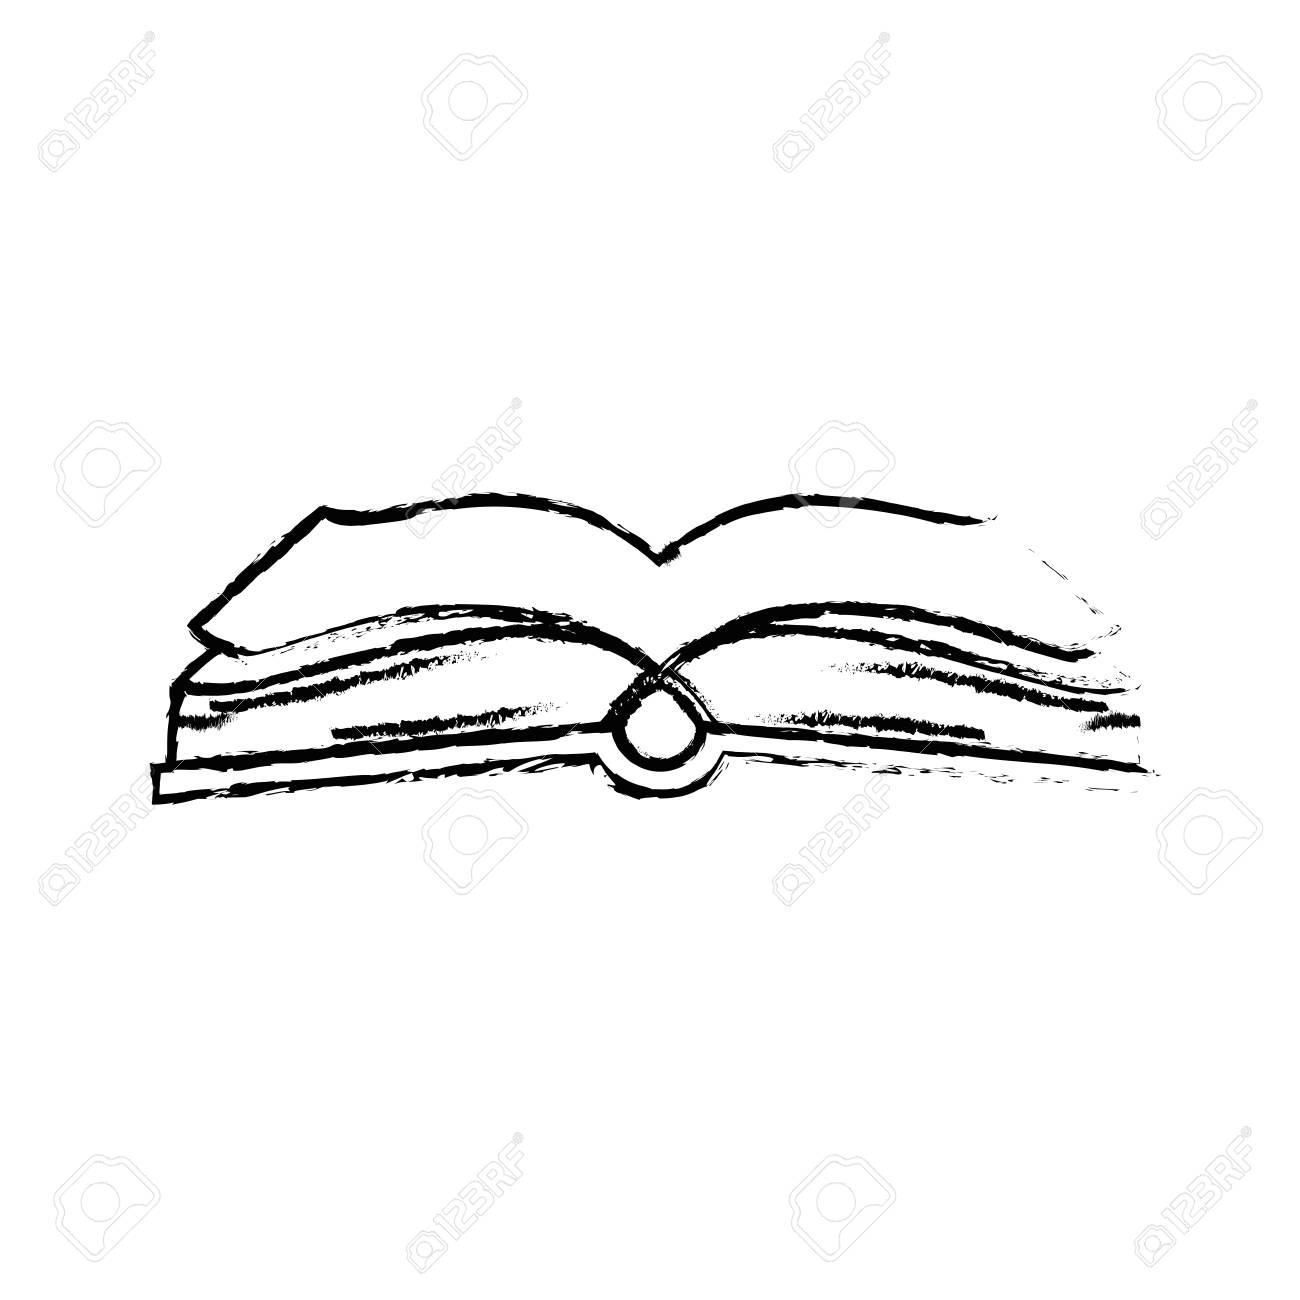 Livre Ouvert Symbole Icone Vecteur Illustration Graphisme